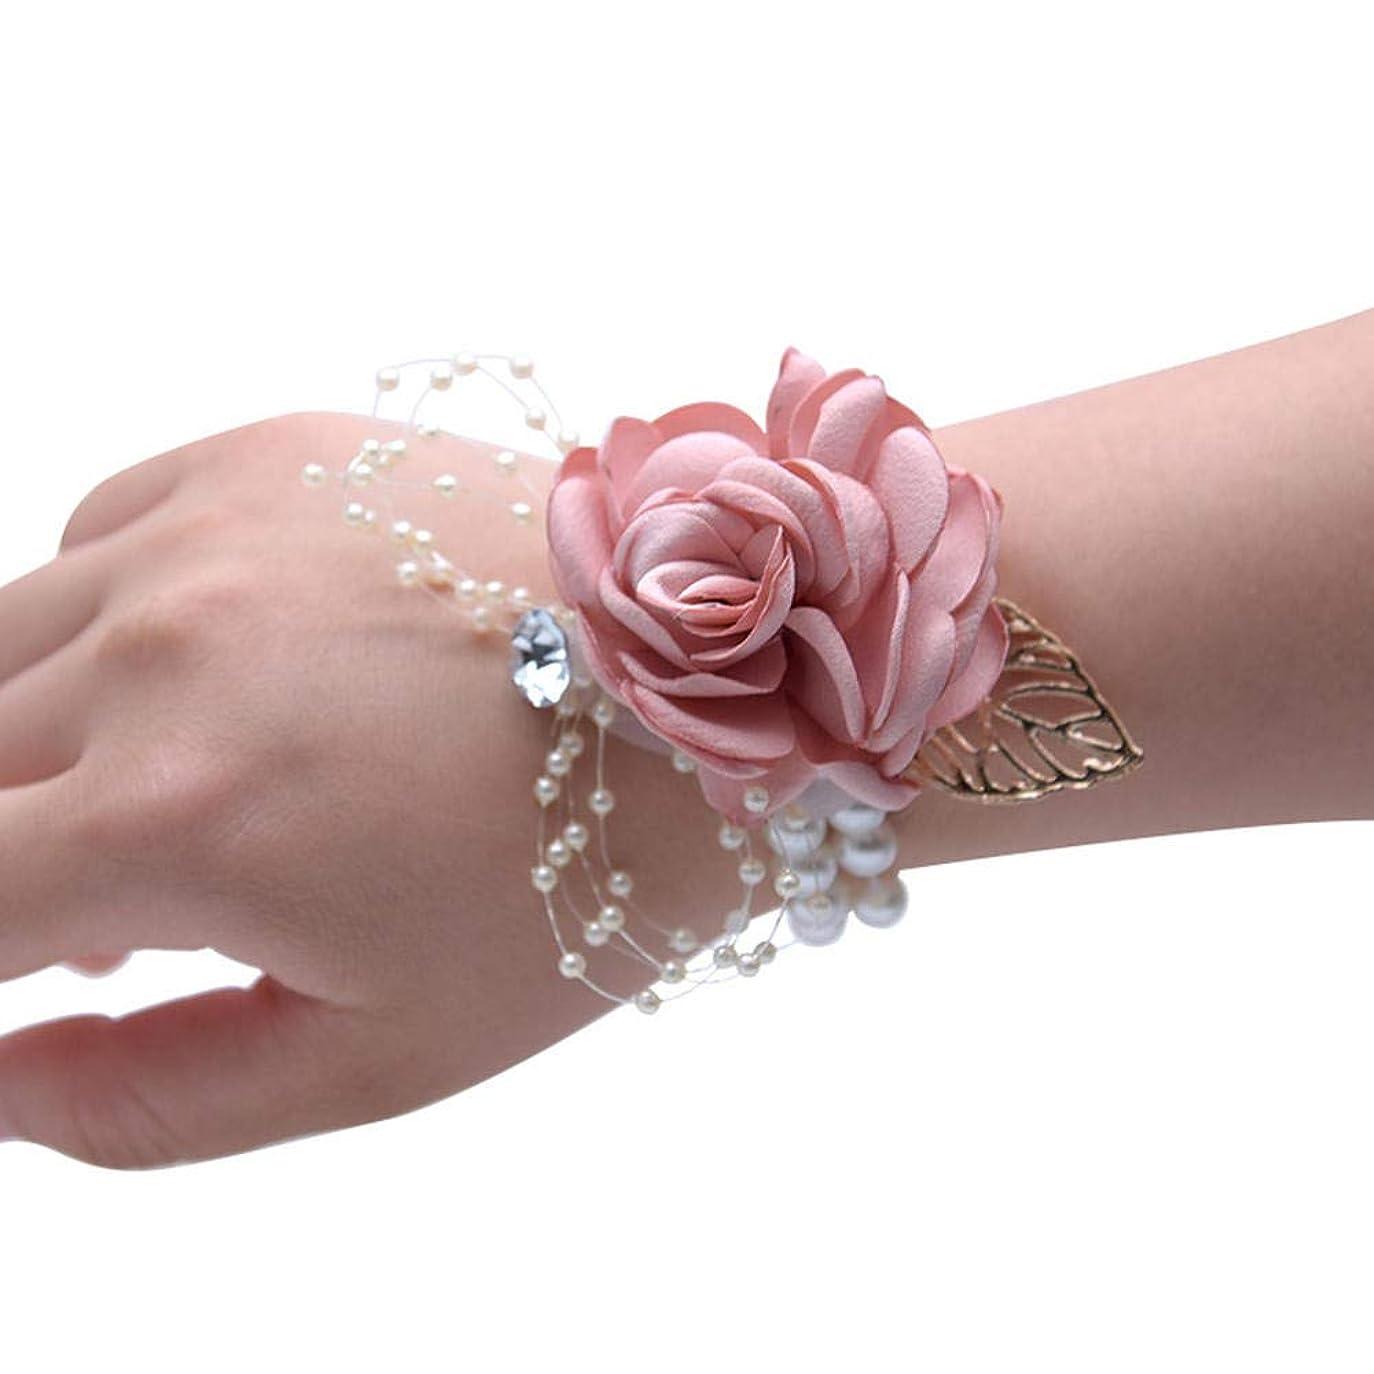 辞任する測定退化するMerssavo 手首の花 - 女の子チャーム手首コサージュブレスレット花嫁介添人姉妹の手の花のどの真珠の結婚式、ピンク